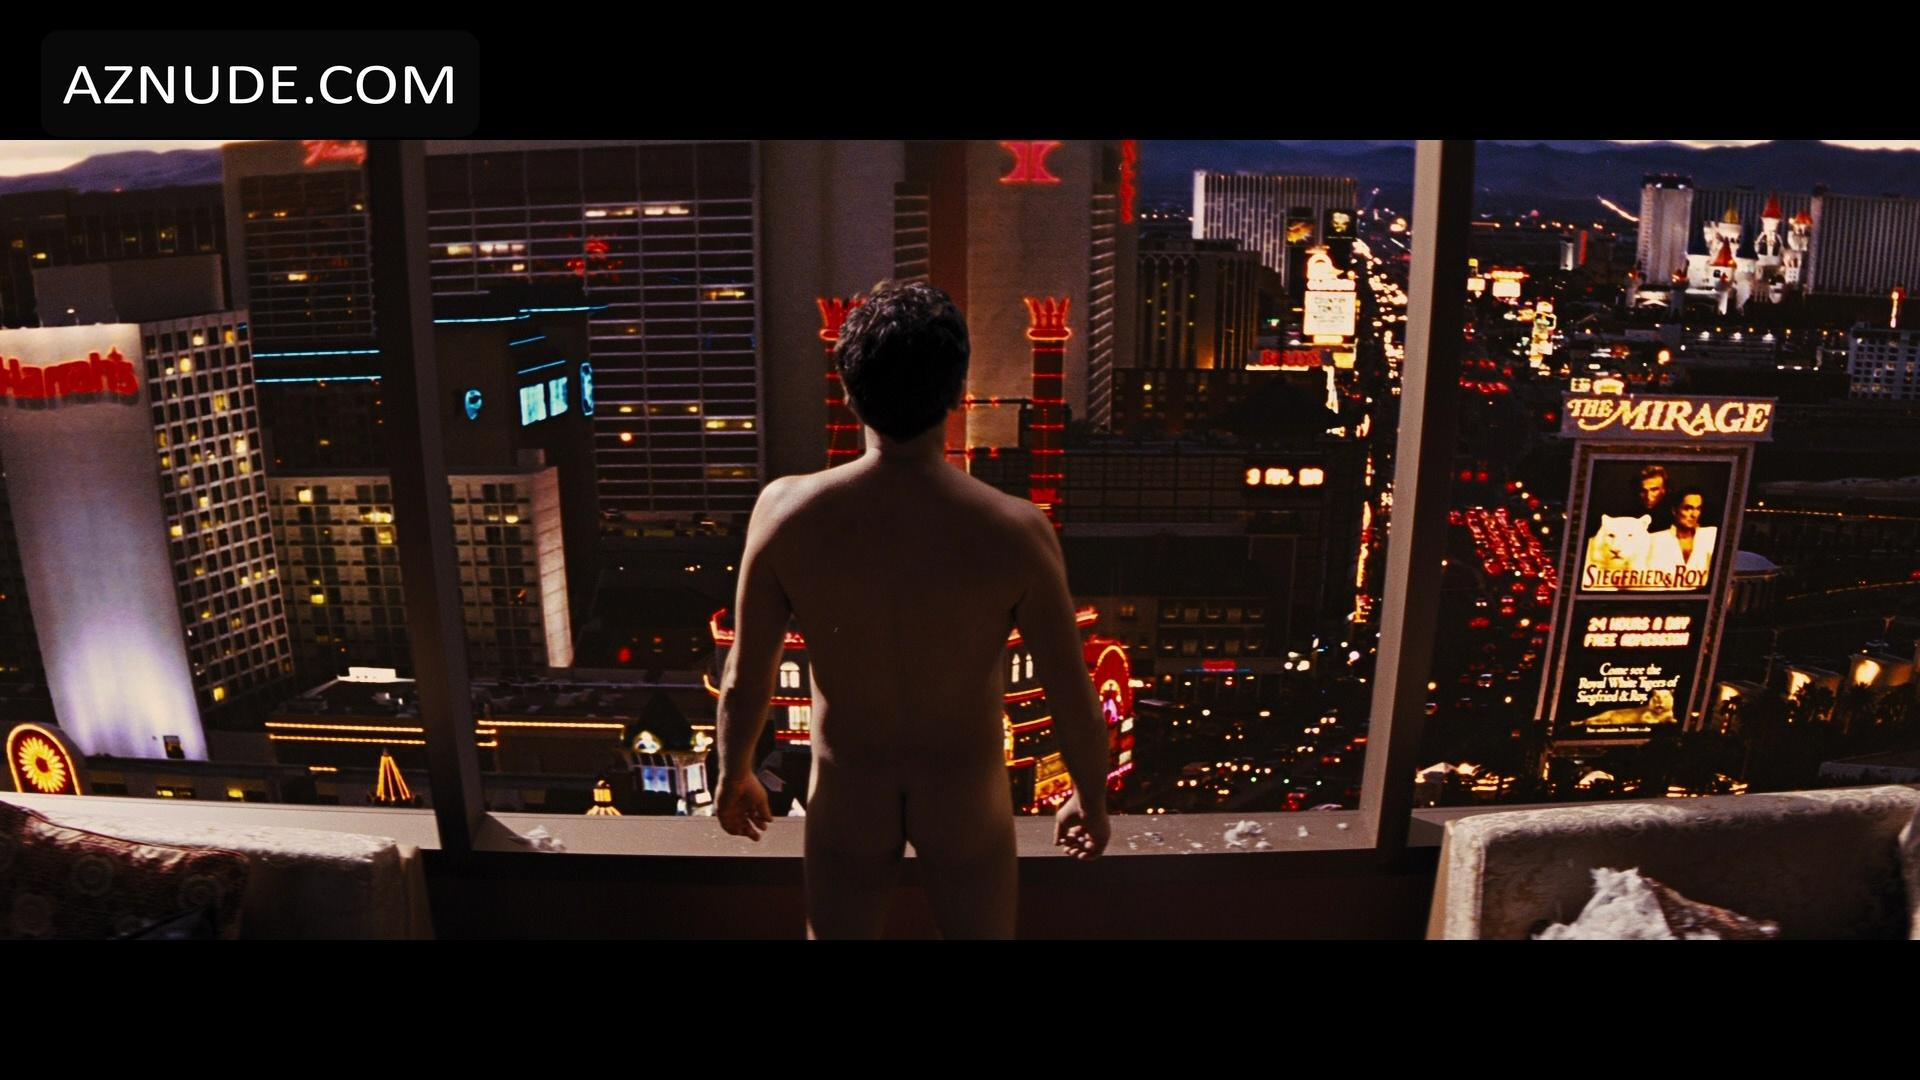 from Everett wall street gay dvd